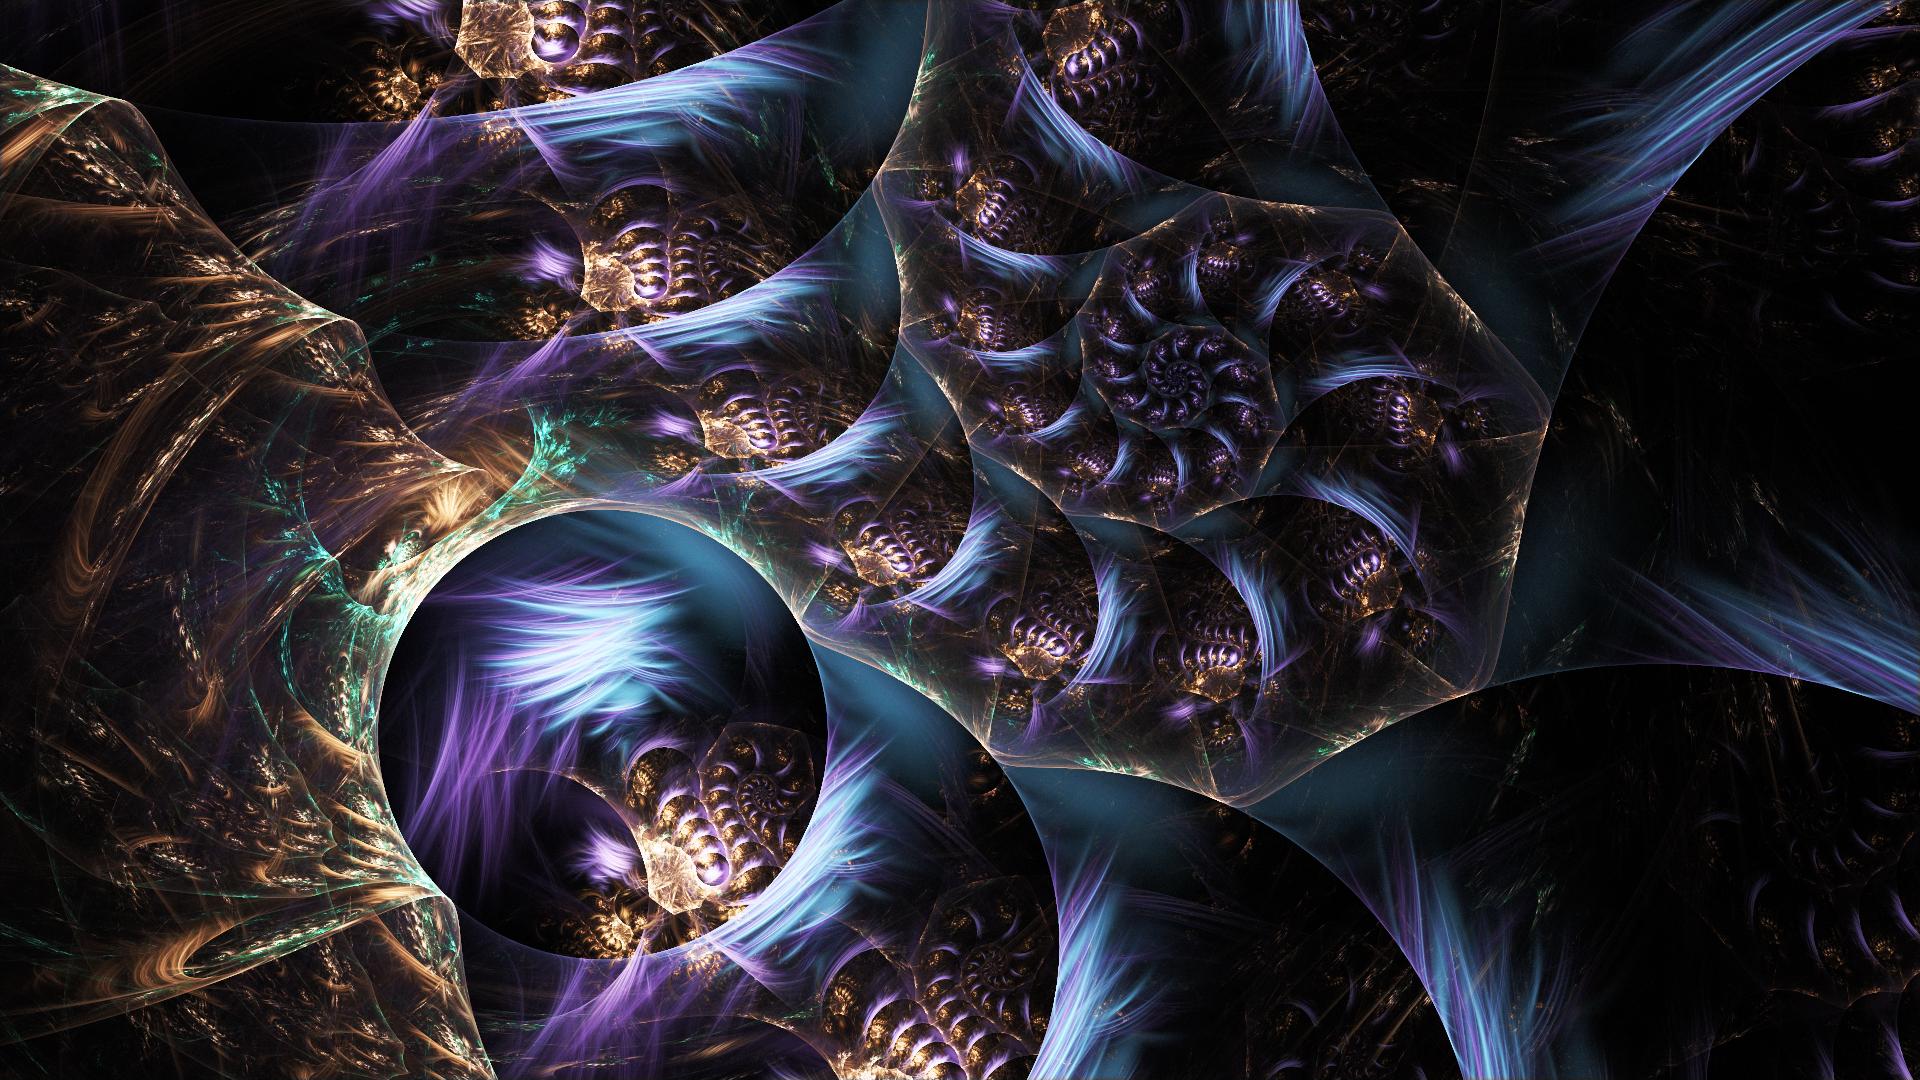 Dark Nautilus by Fractamonium